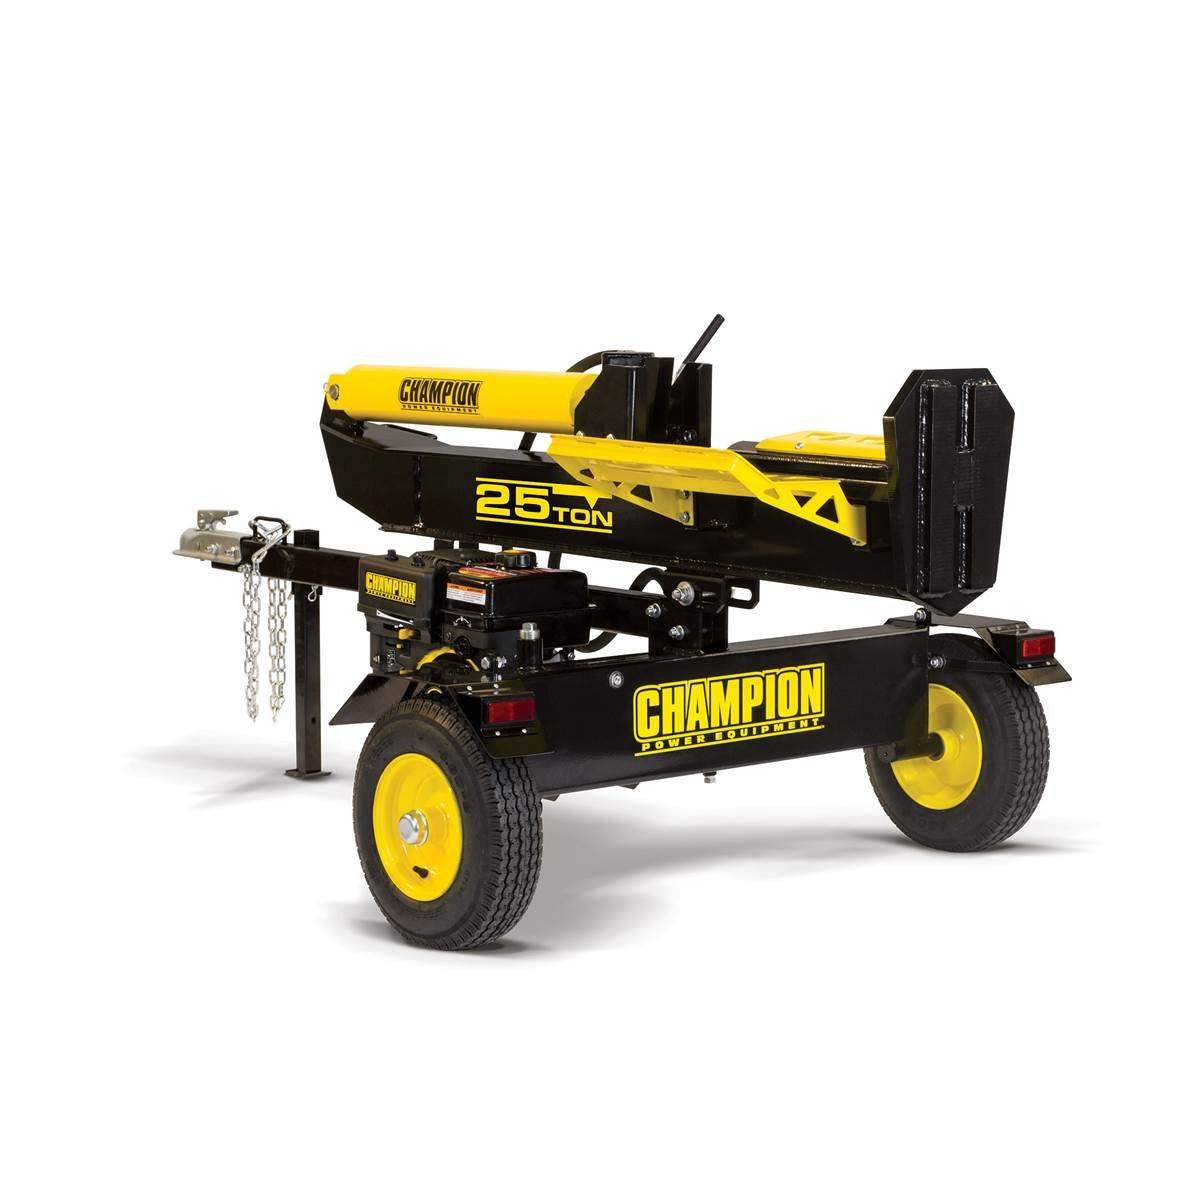 Champion Power Equipment Ton Full Beam Towable Log Splitter (100326 25 Ton)